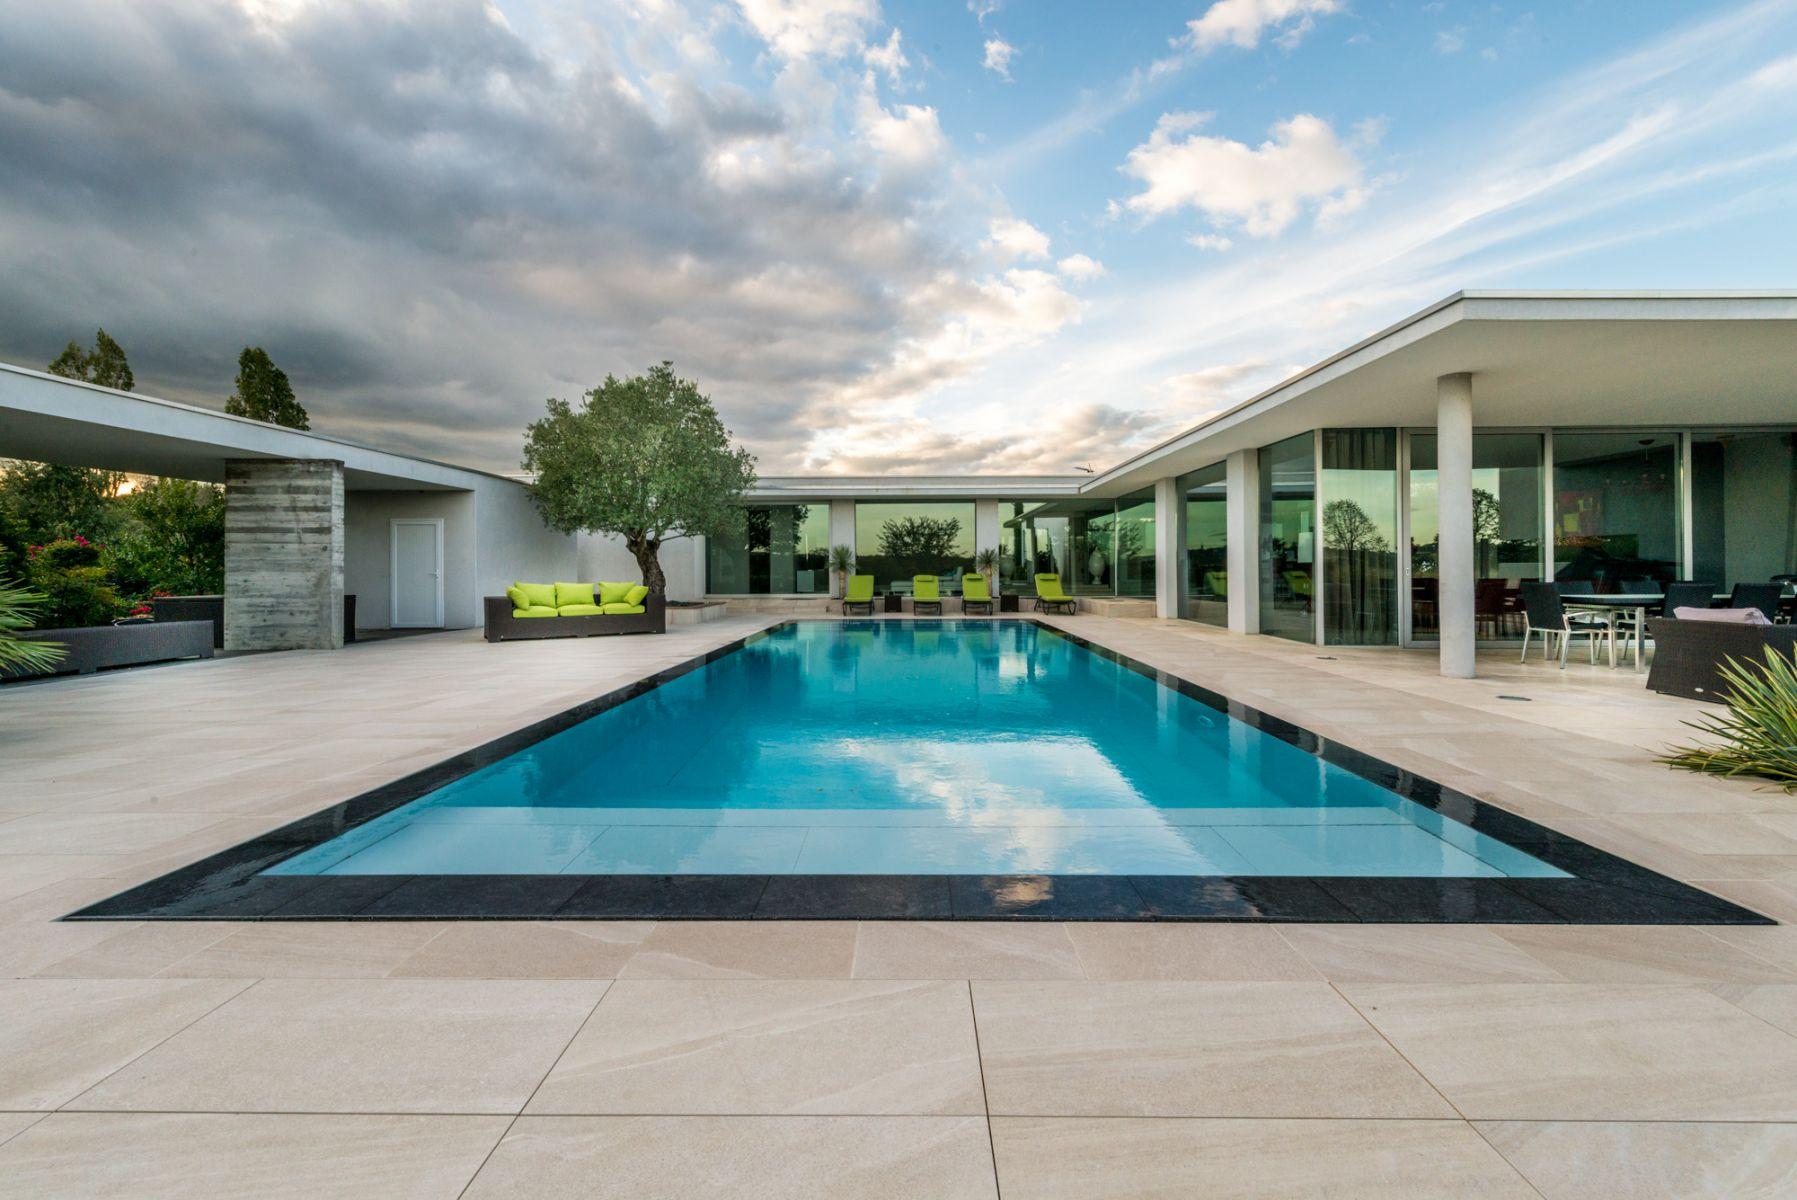 Constructeur de piscine haut de gamme dans l 39 ouest for Constructeur de piscine